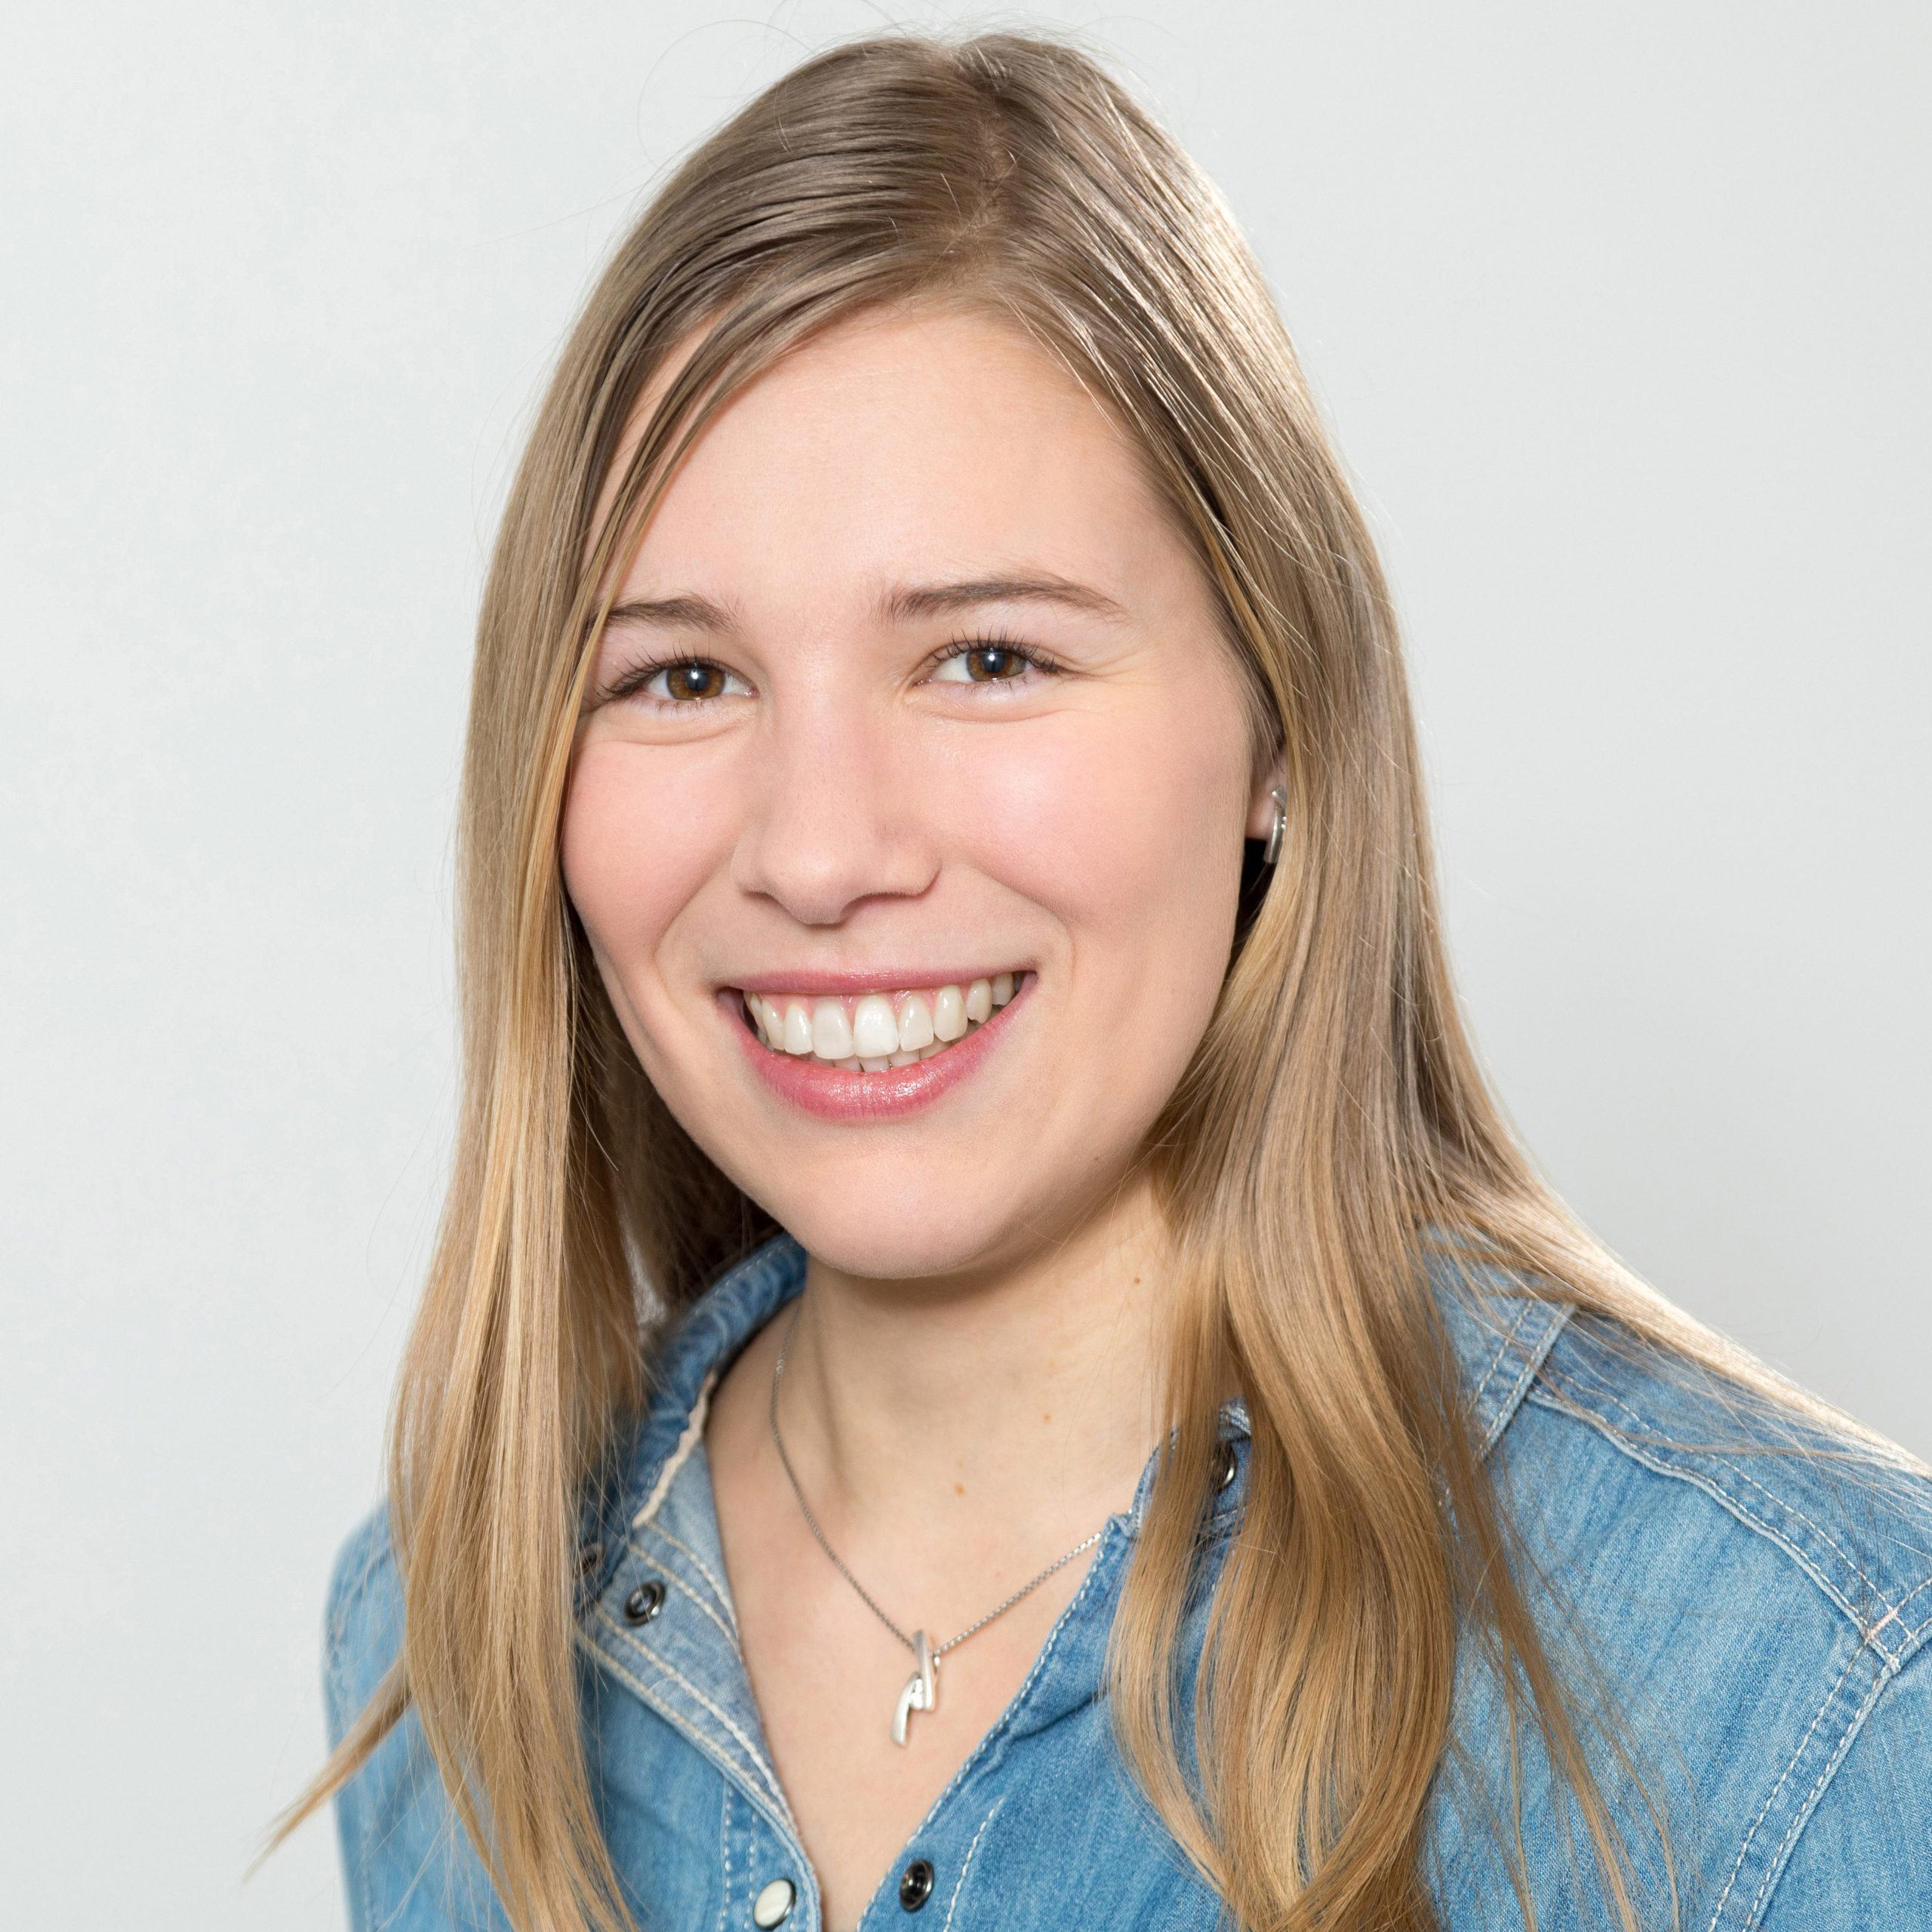 Tessa de Jong Prodeba zorgprofessional